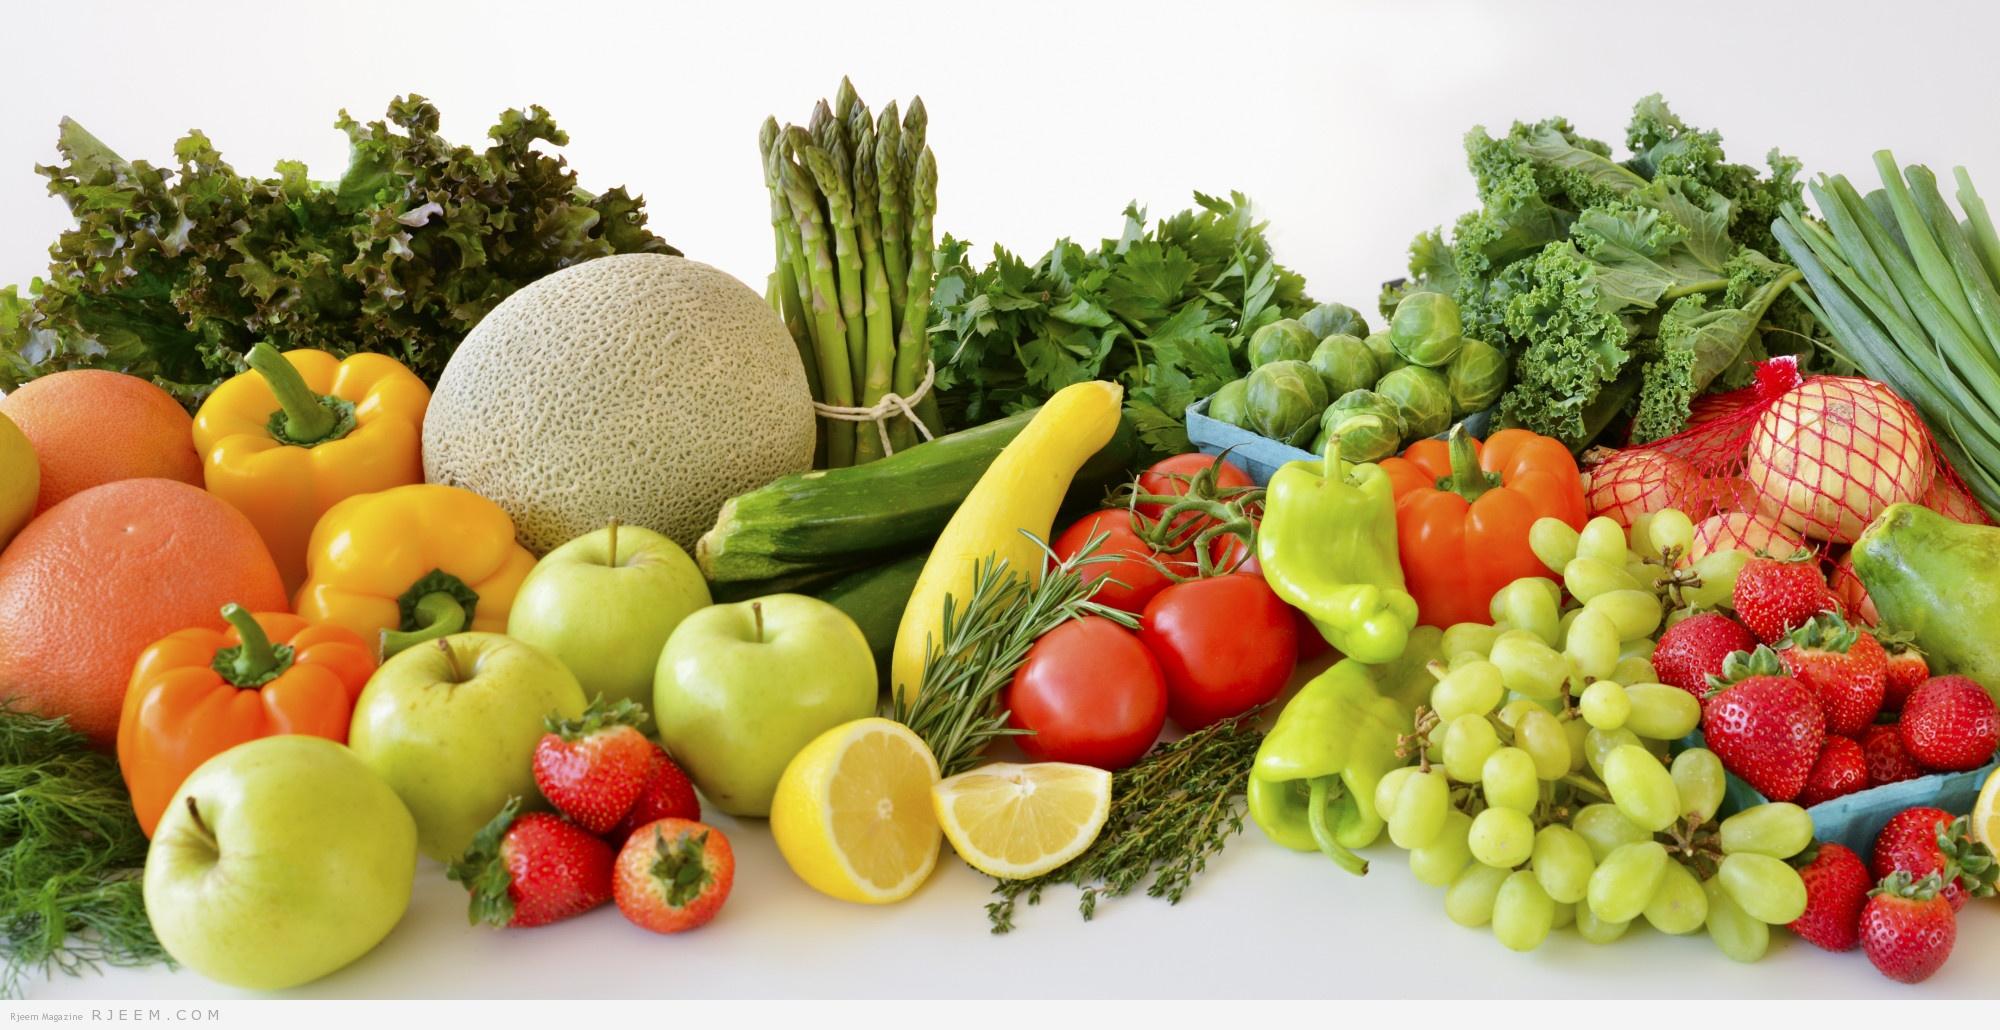 النحاس فوائده للجسم ومصادره من الغذاء مجلة رجيم